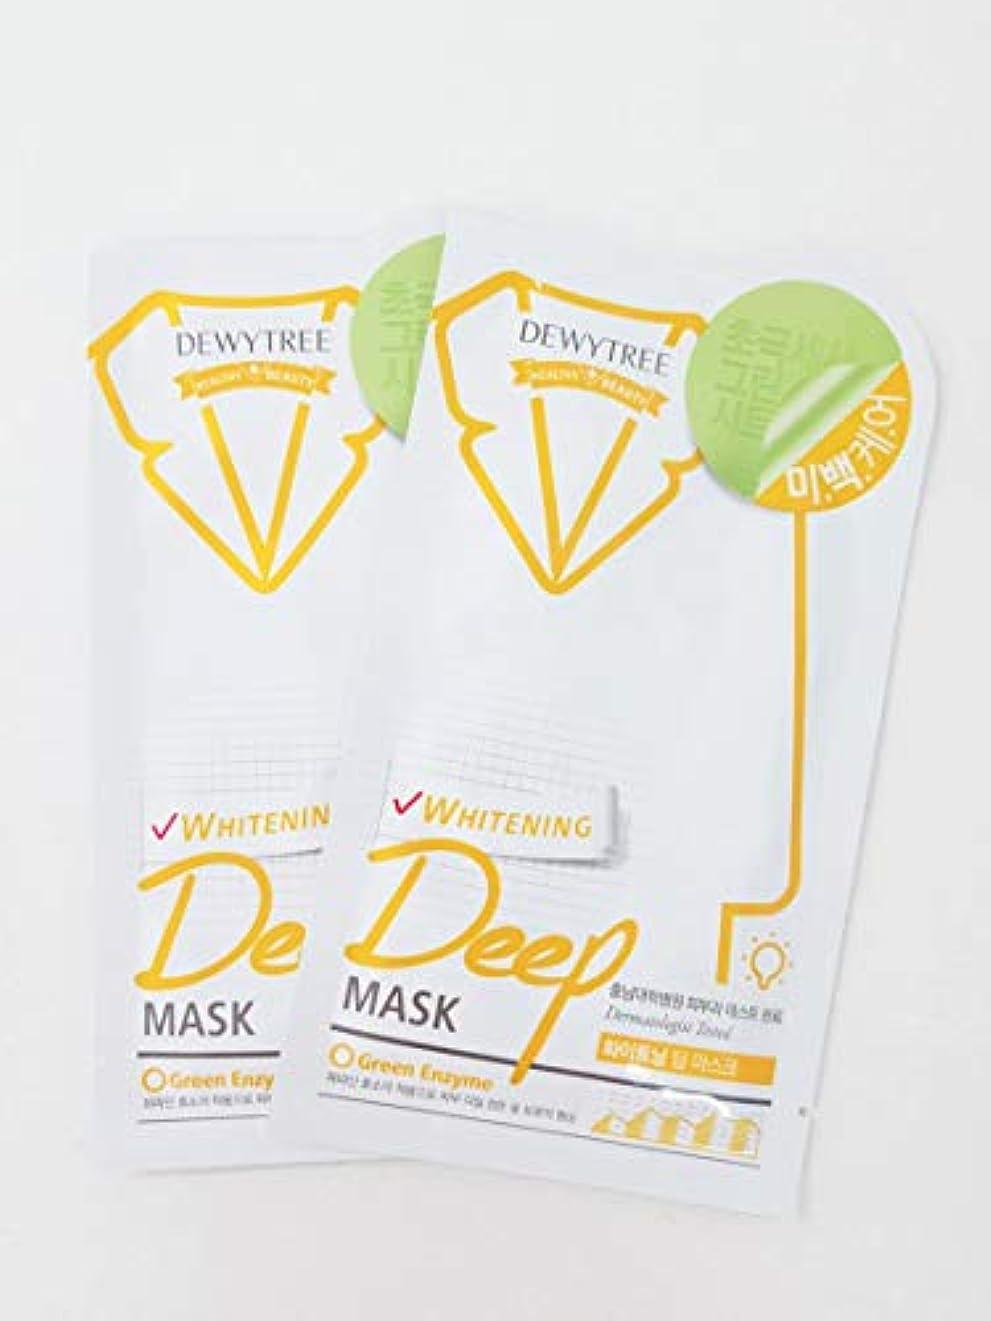 アンビエント怒っているエゴイズム(デューイトゥリー) DEWYTREE ホワイトニングディープマスク 20枚 Whitening Deep Mask 韓国マスクパック (並行輸入品)